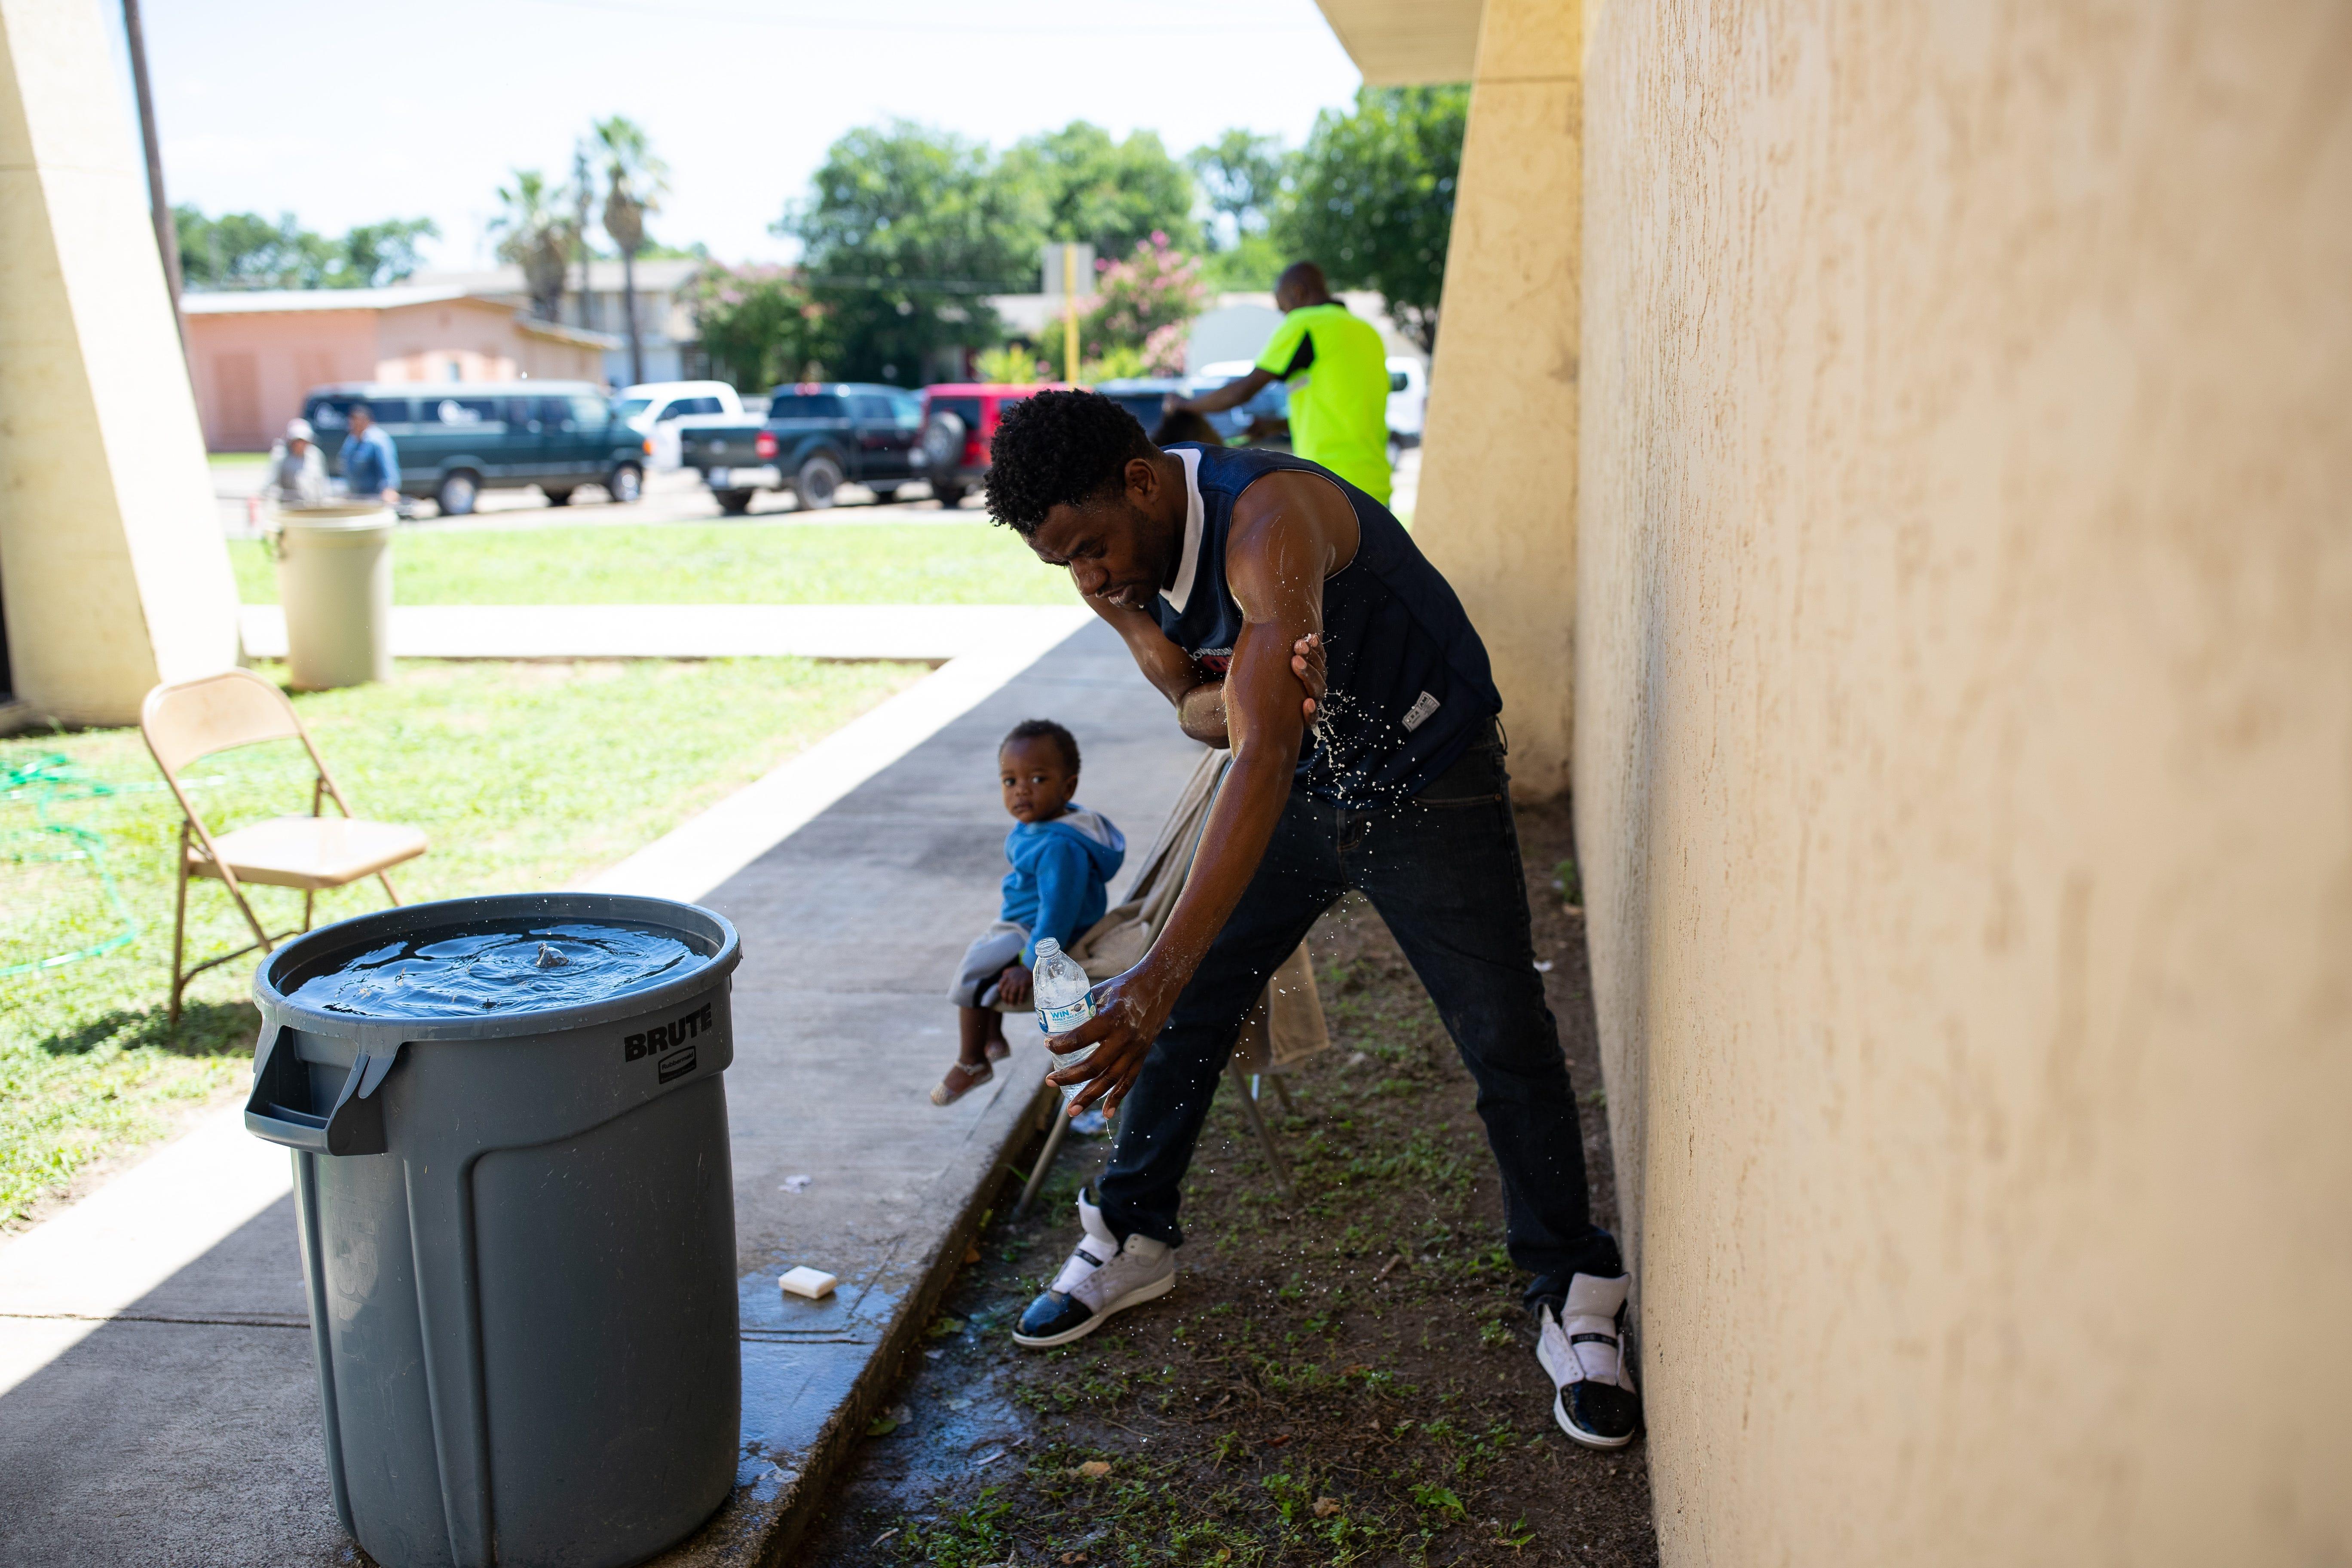 DEL RIO, Texas – Un migrante se baña usando el agua sucia que descarga una unidad de aire acondicionado rota en el Centro de la Coalición Humanitaria de la Frontera Val Verde el 25 de junio del 2019, mientras esperaba por un autobús que lo transportara al Centro de Recursos para Inmigrantes de San Antonio.